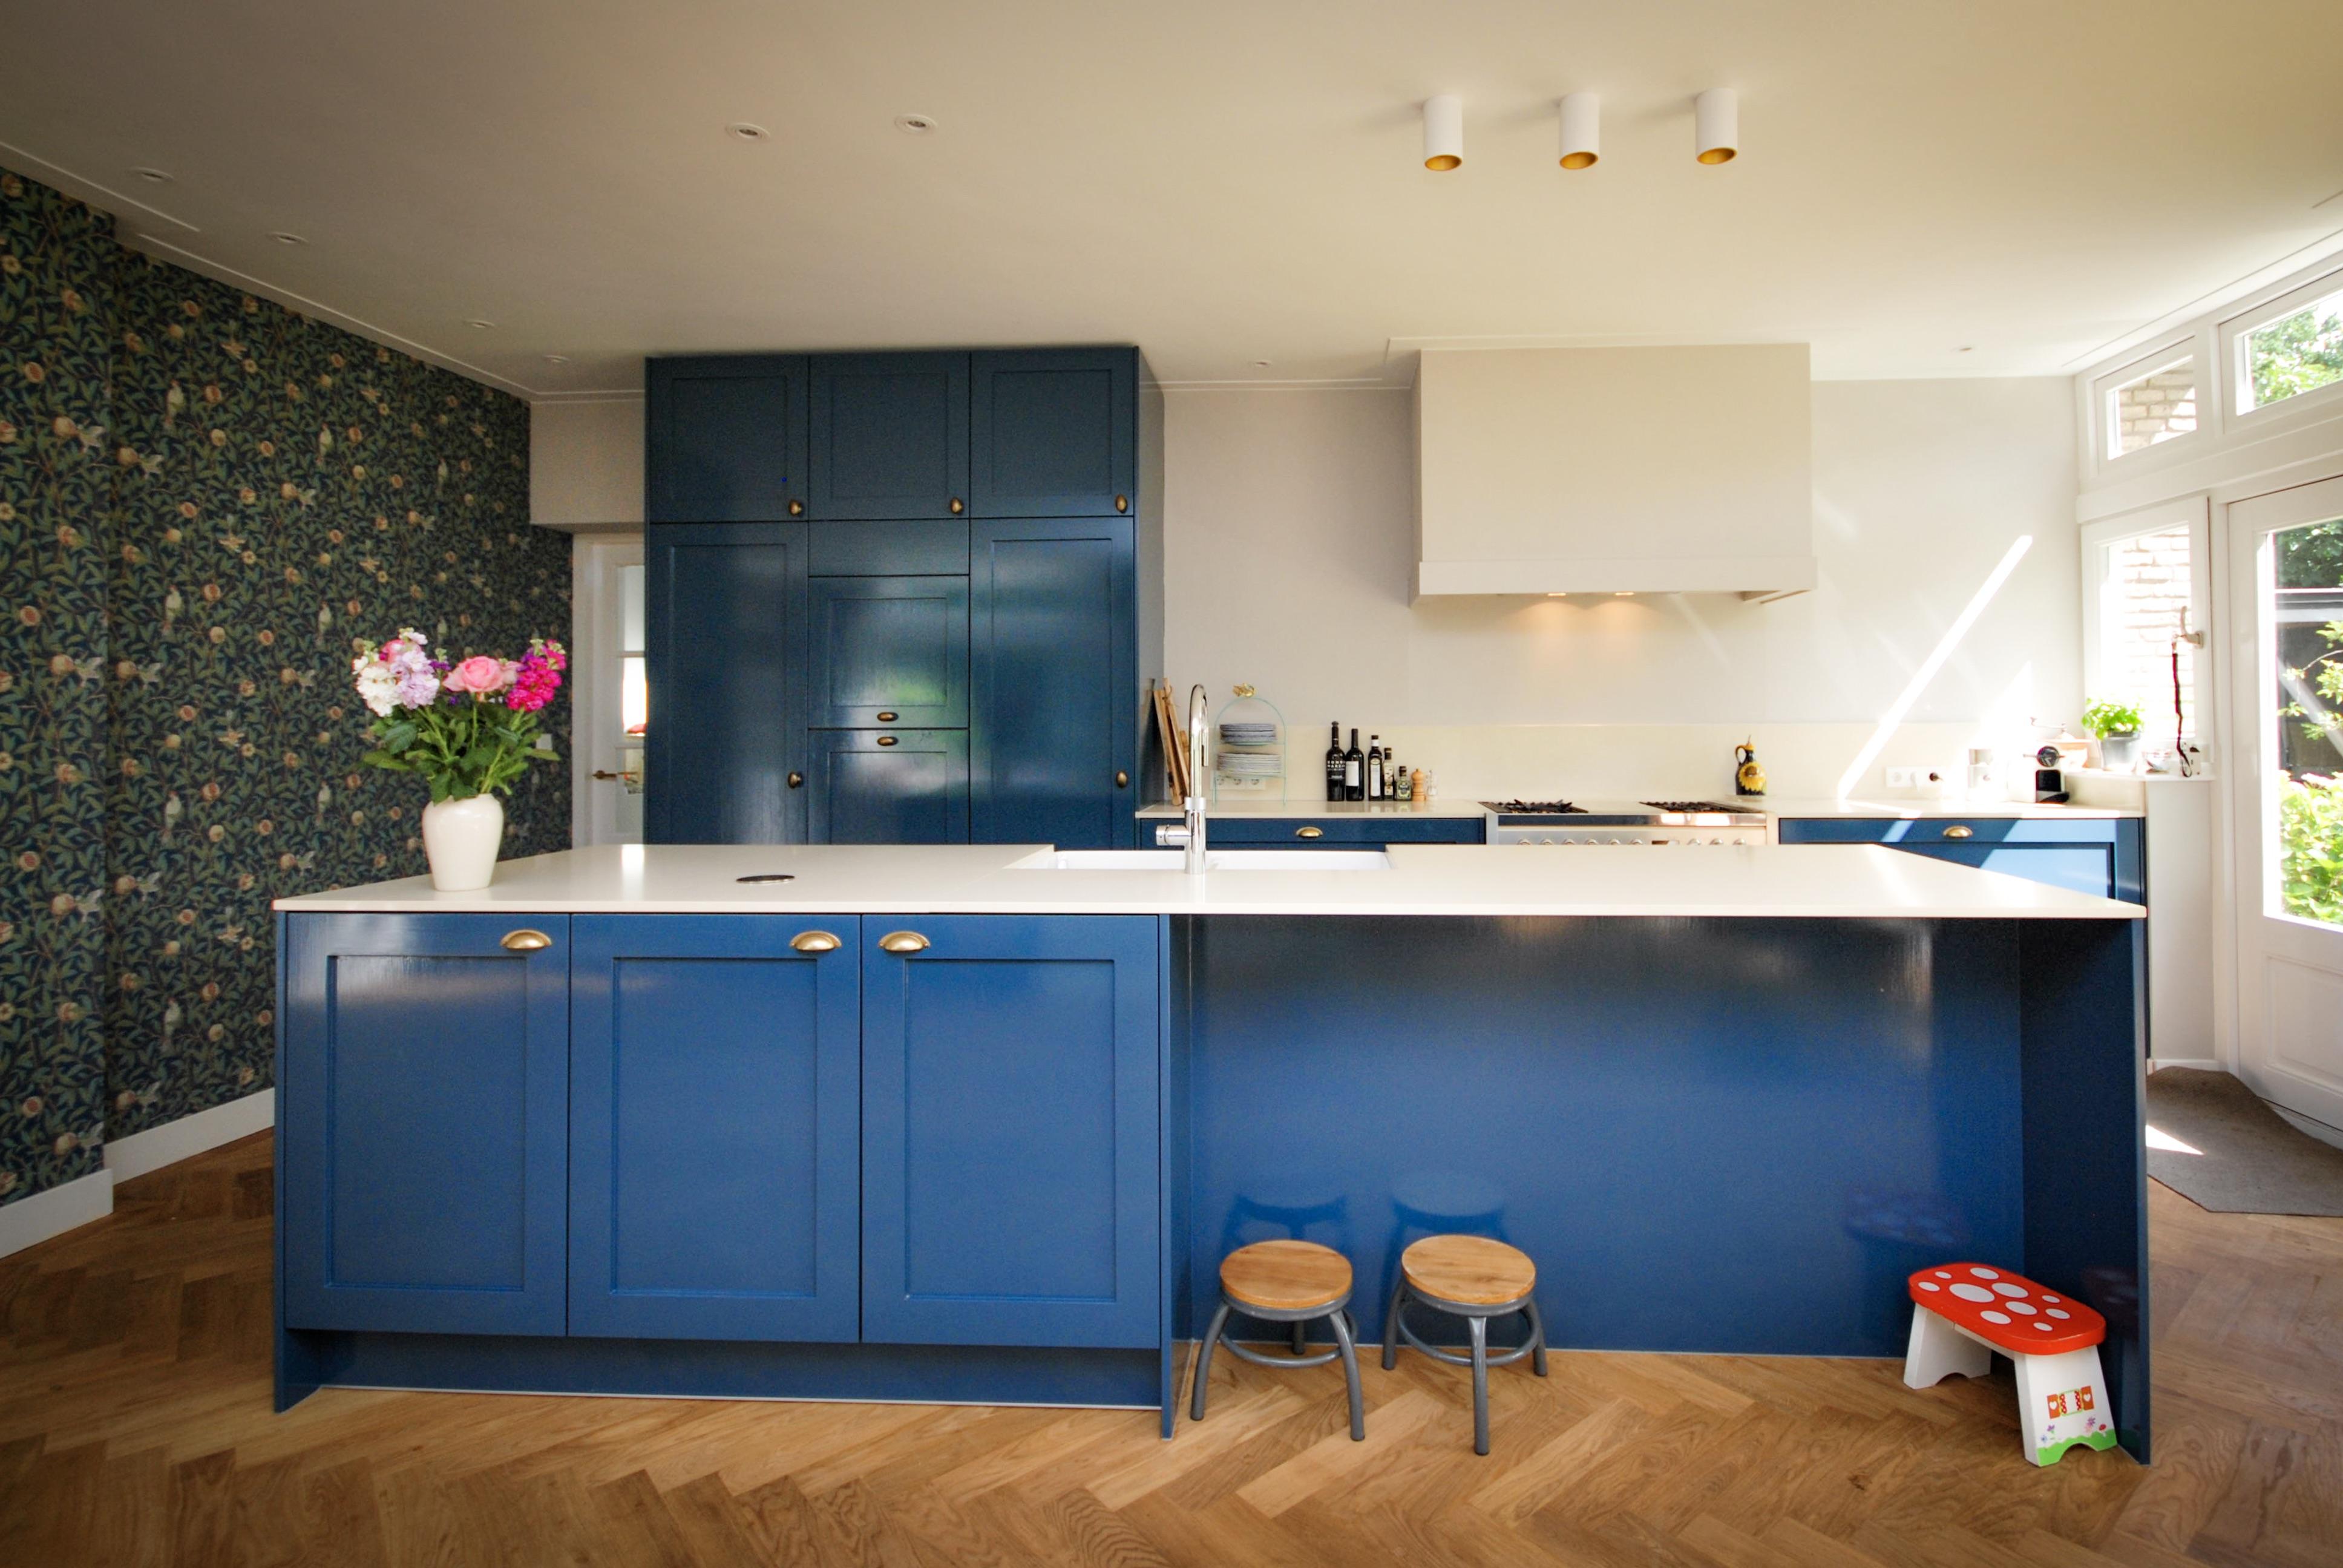 Keukenhof keukens badkamers & haarden